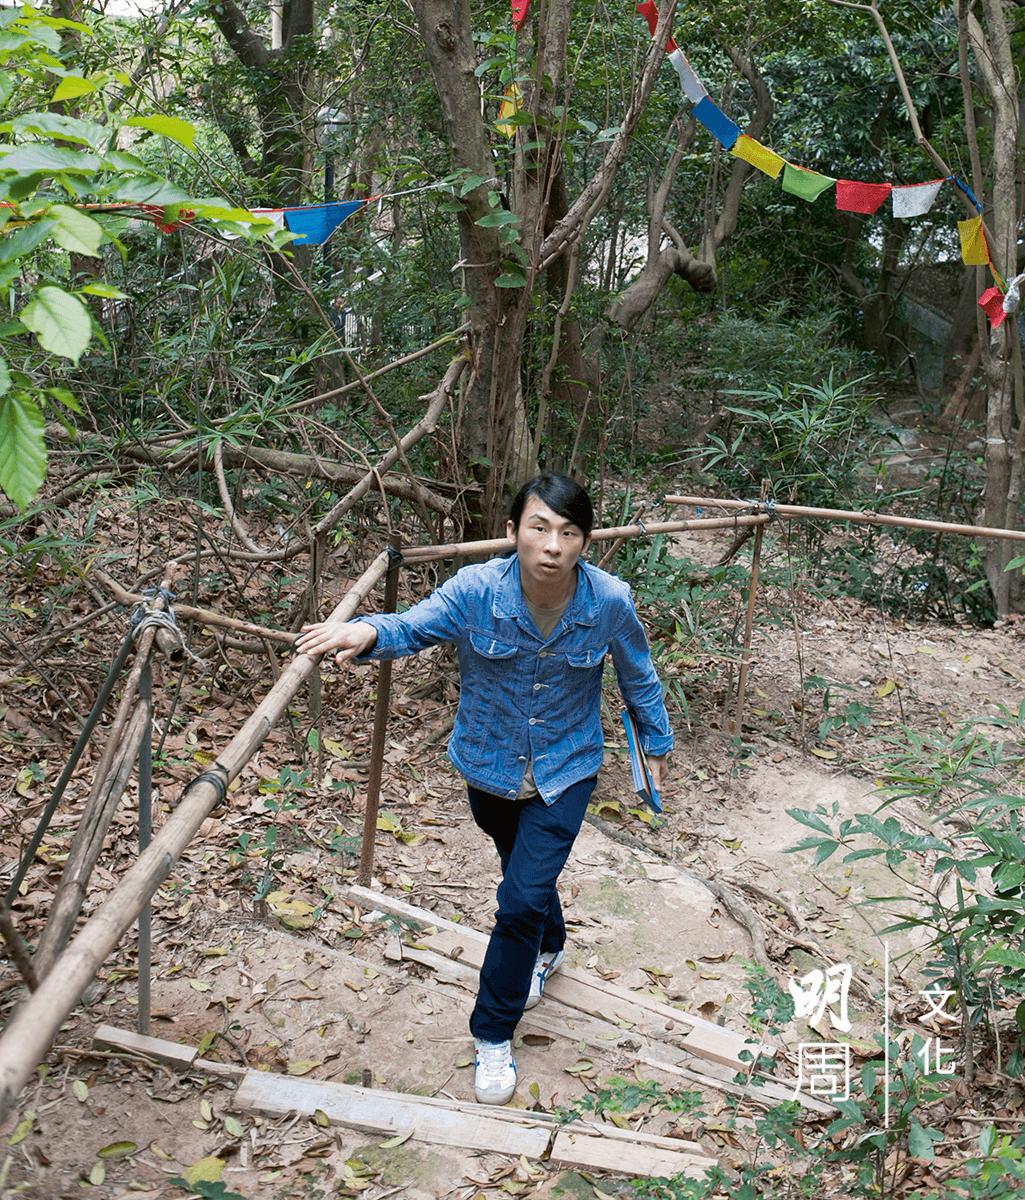 王鎮海驚歎,日本藝術家鈴木昭男怎麼找到彩虹坪石遊樂場這個小山頭作為「音點」;這是本次行程與當年面目最無變化的一處。